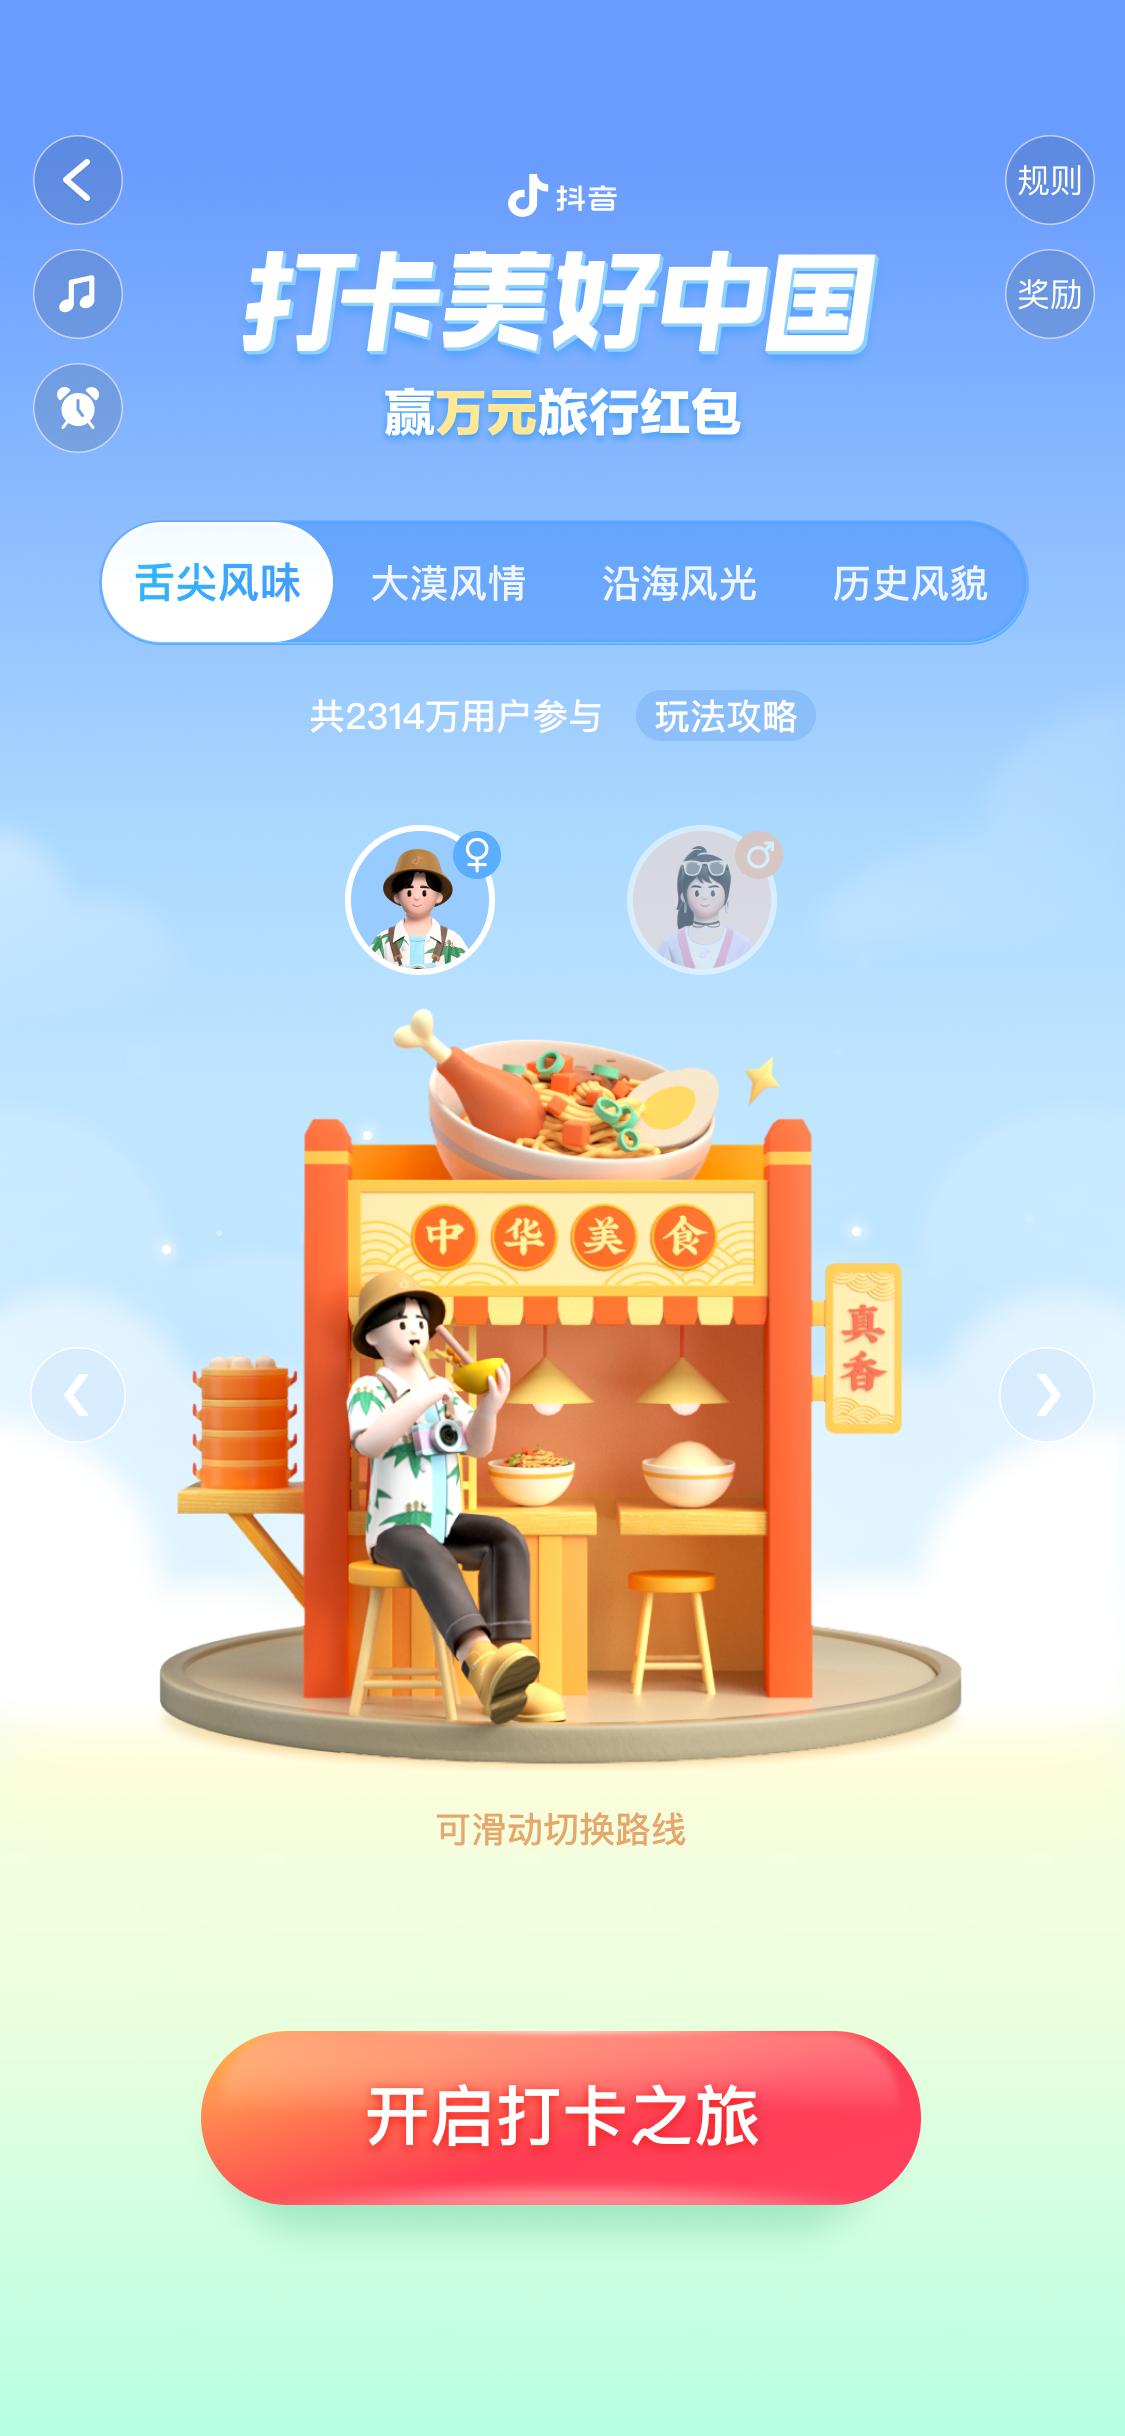 """抖音国庆推出""""打卡美好中国""""活动 轻松做功课美好城市近在眼前"""